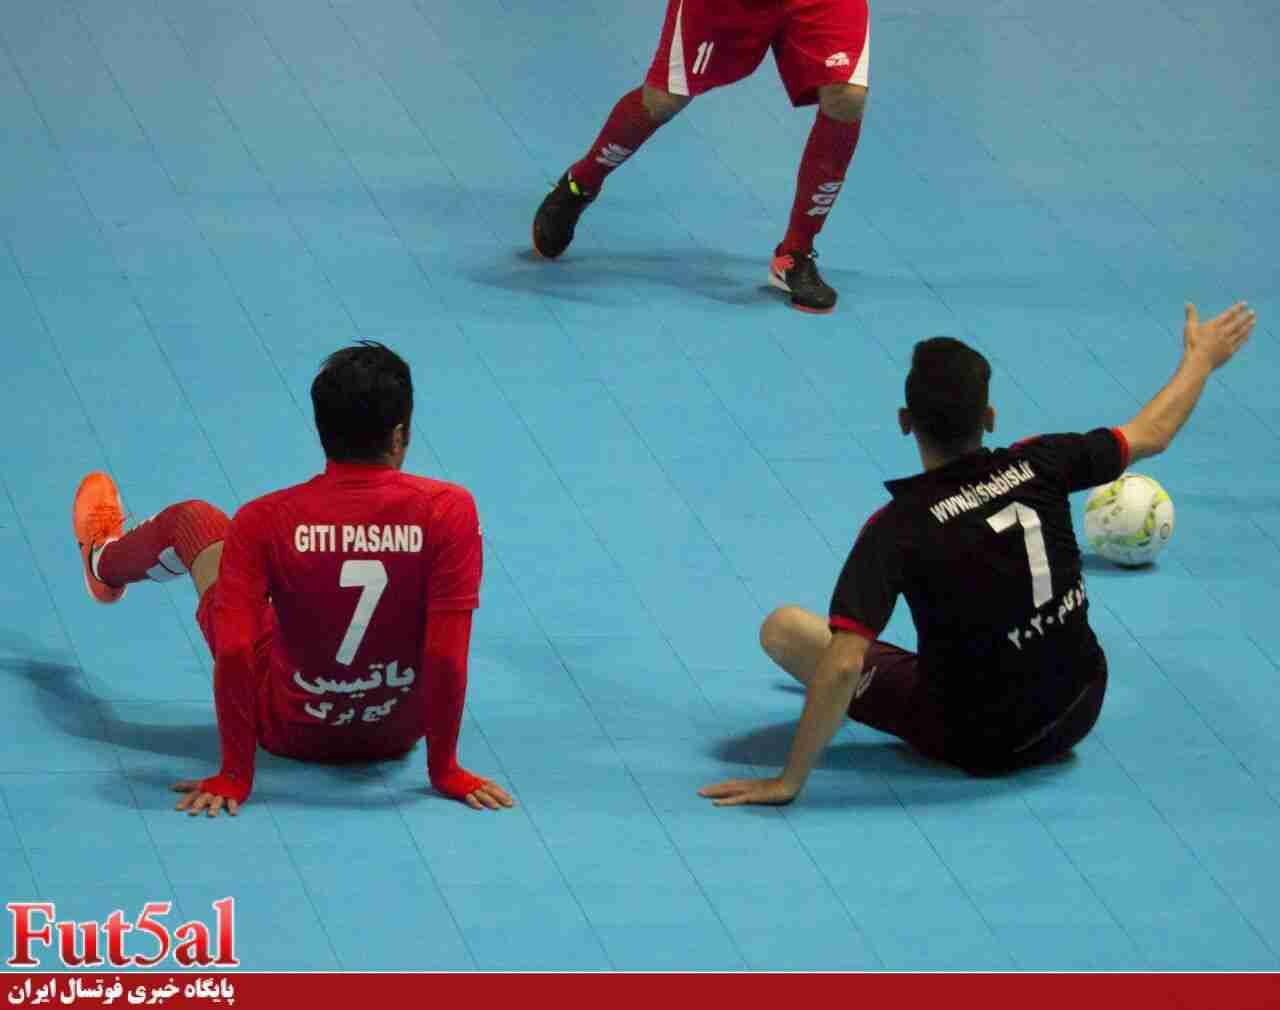 گزارش تصویری/ بازی گیتی پسند اصفهان و مقاومت قرچک